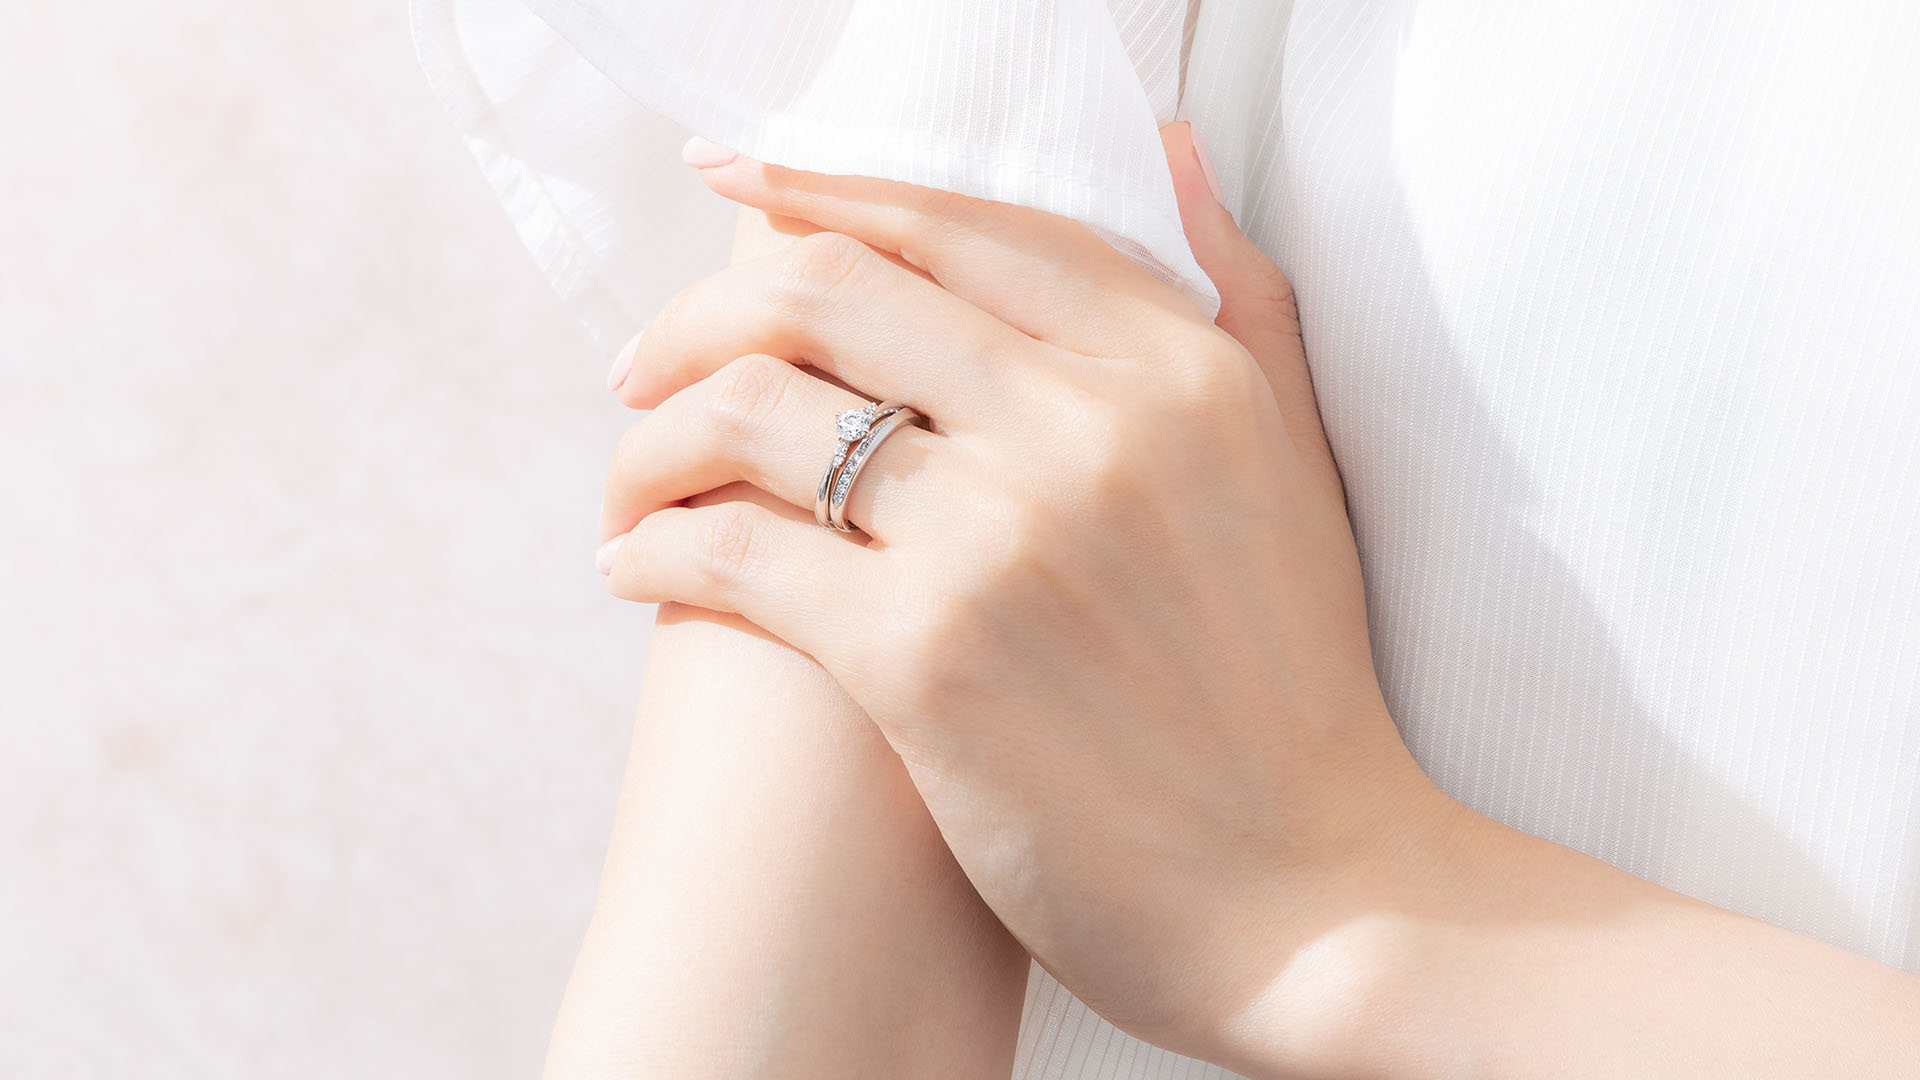 psyche プシュケー | 結婚指輪サムネイル 3